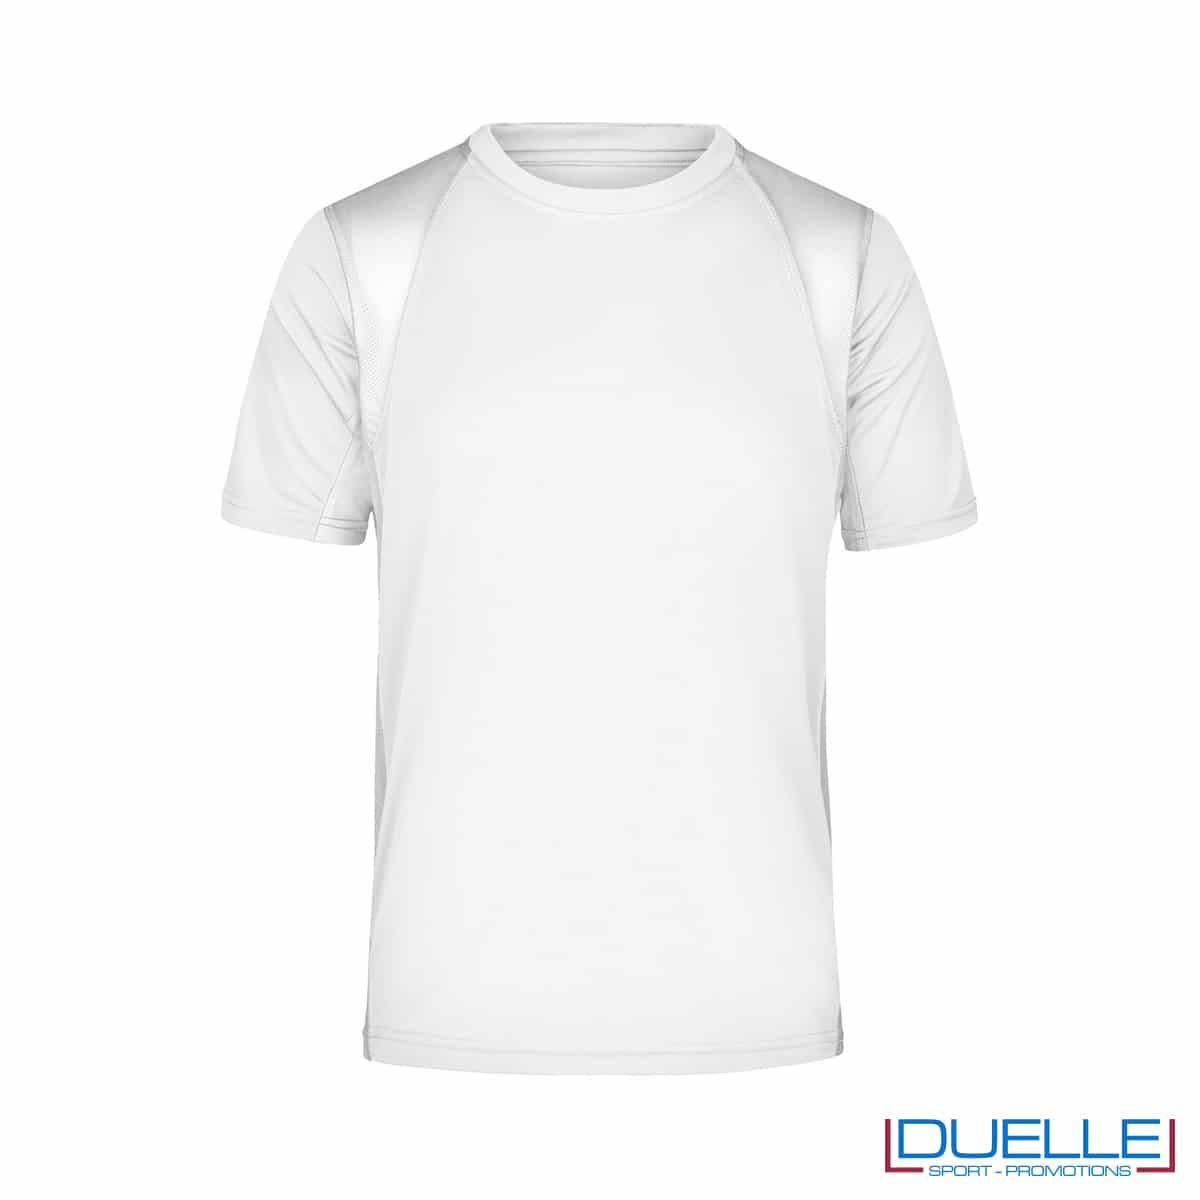 T-shirt running uomo personalizzata colore bianco